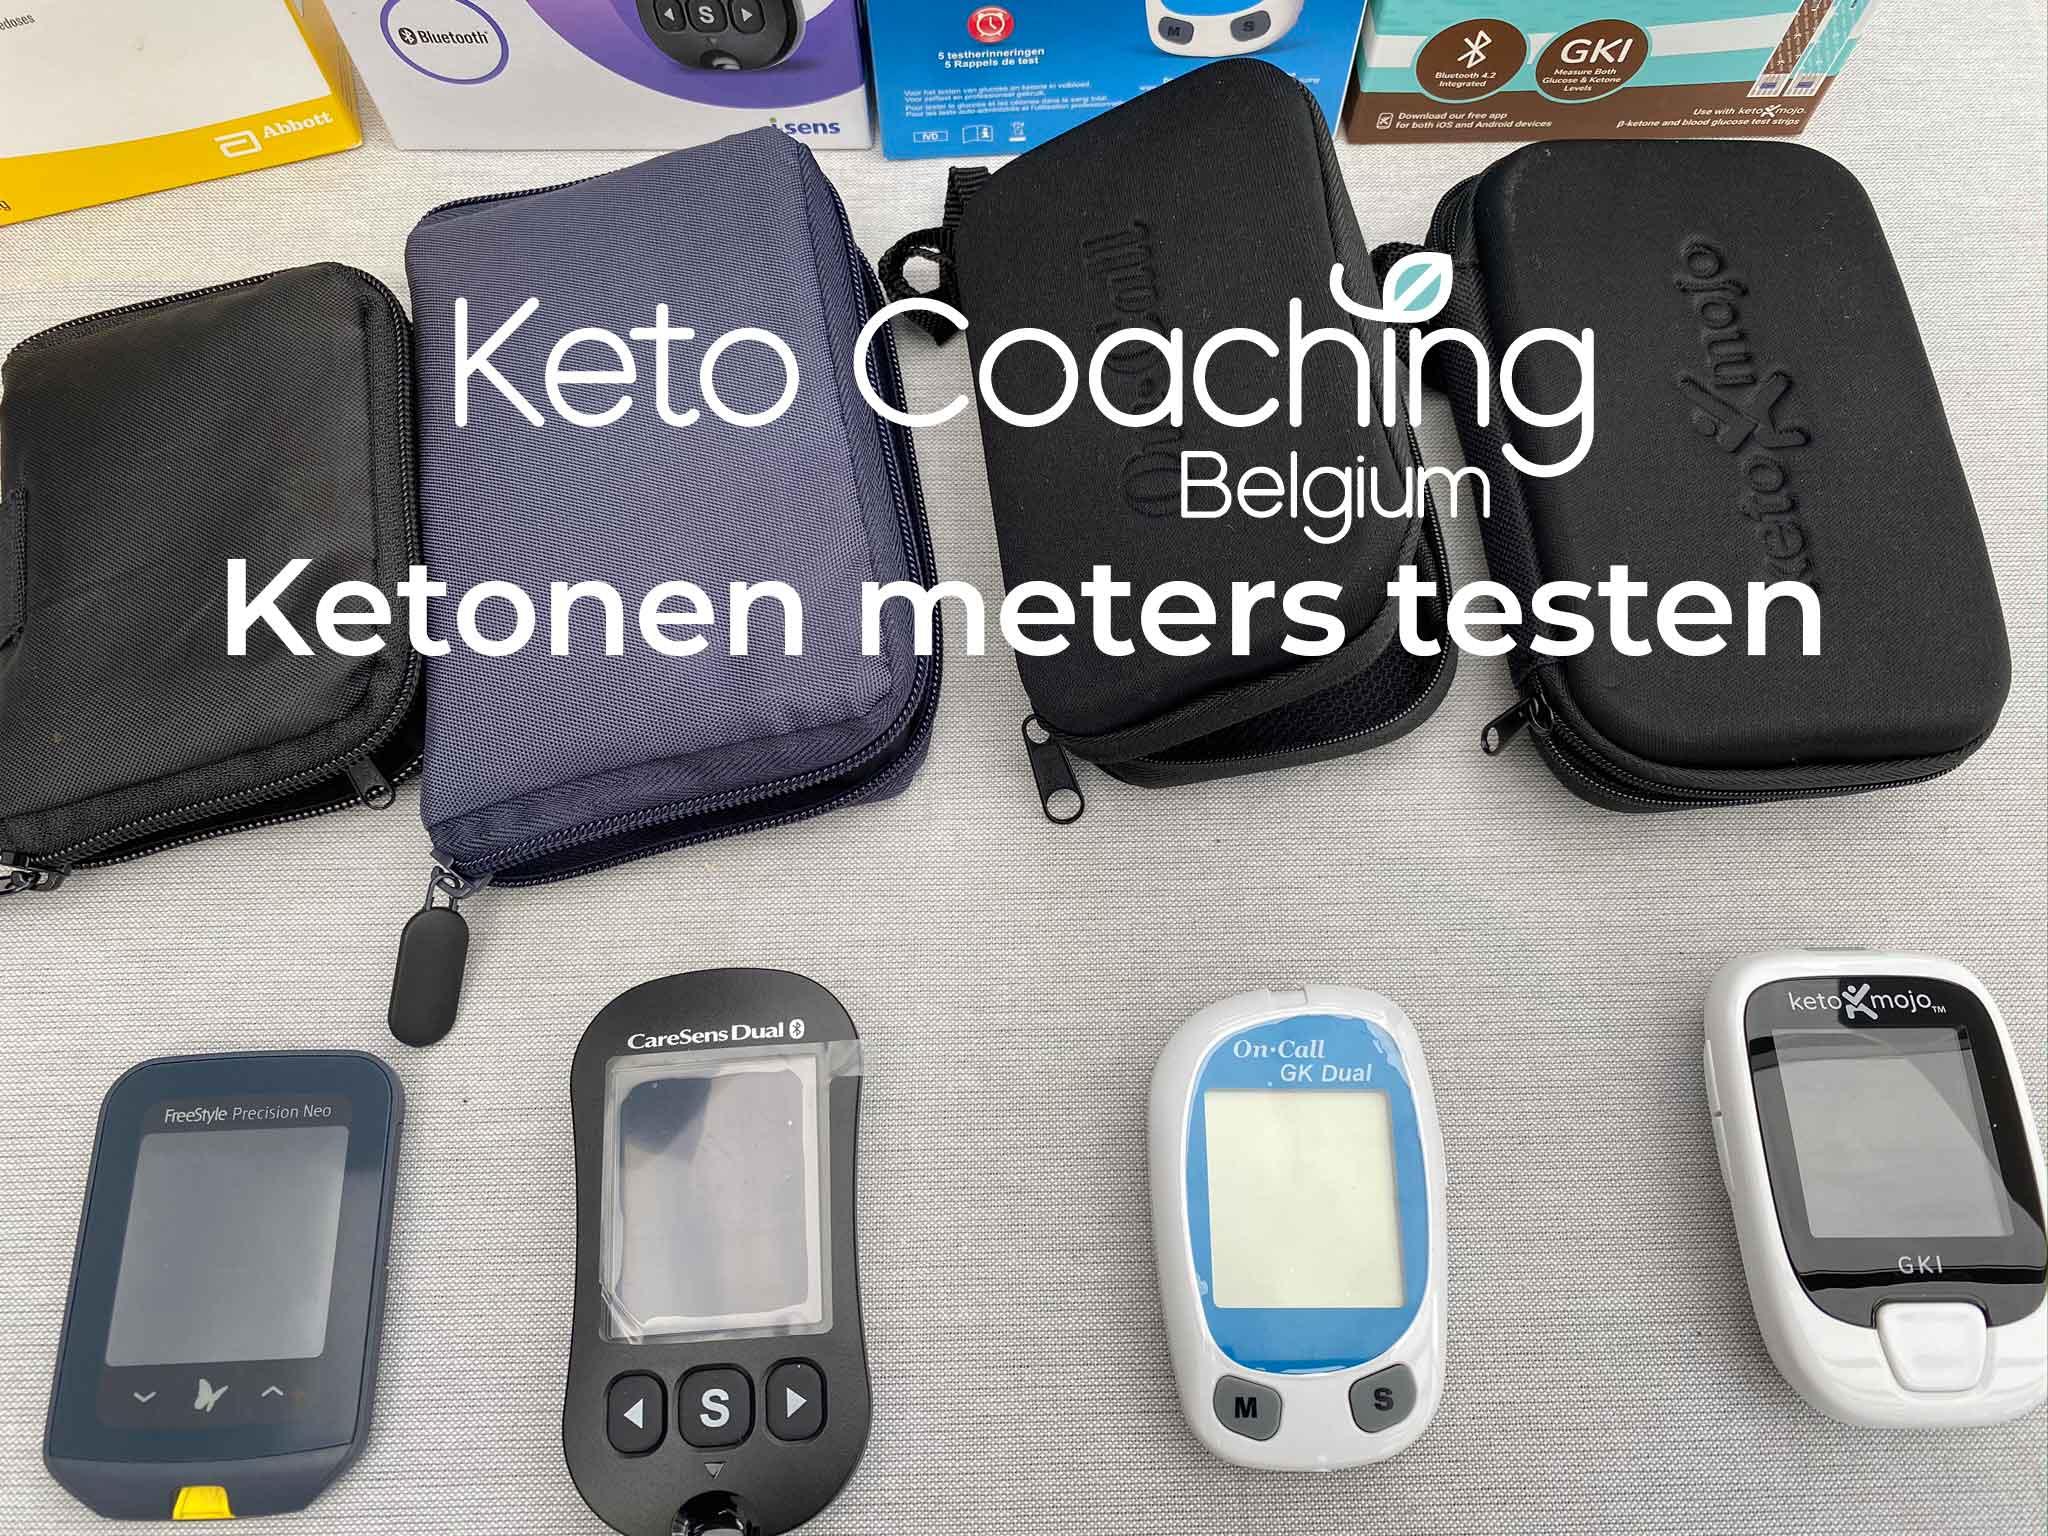 ketonen meters testen